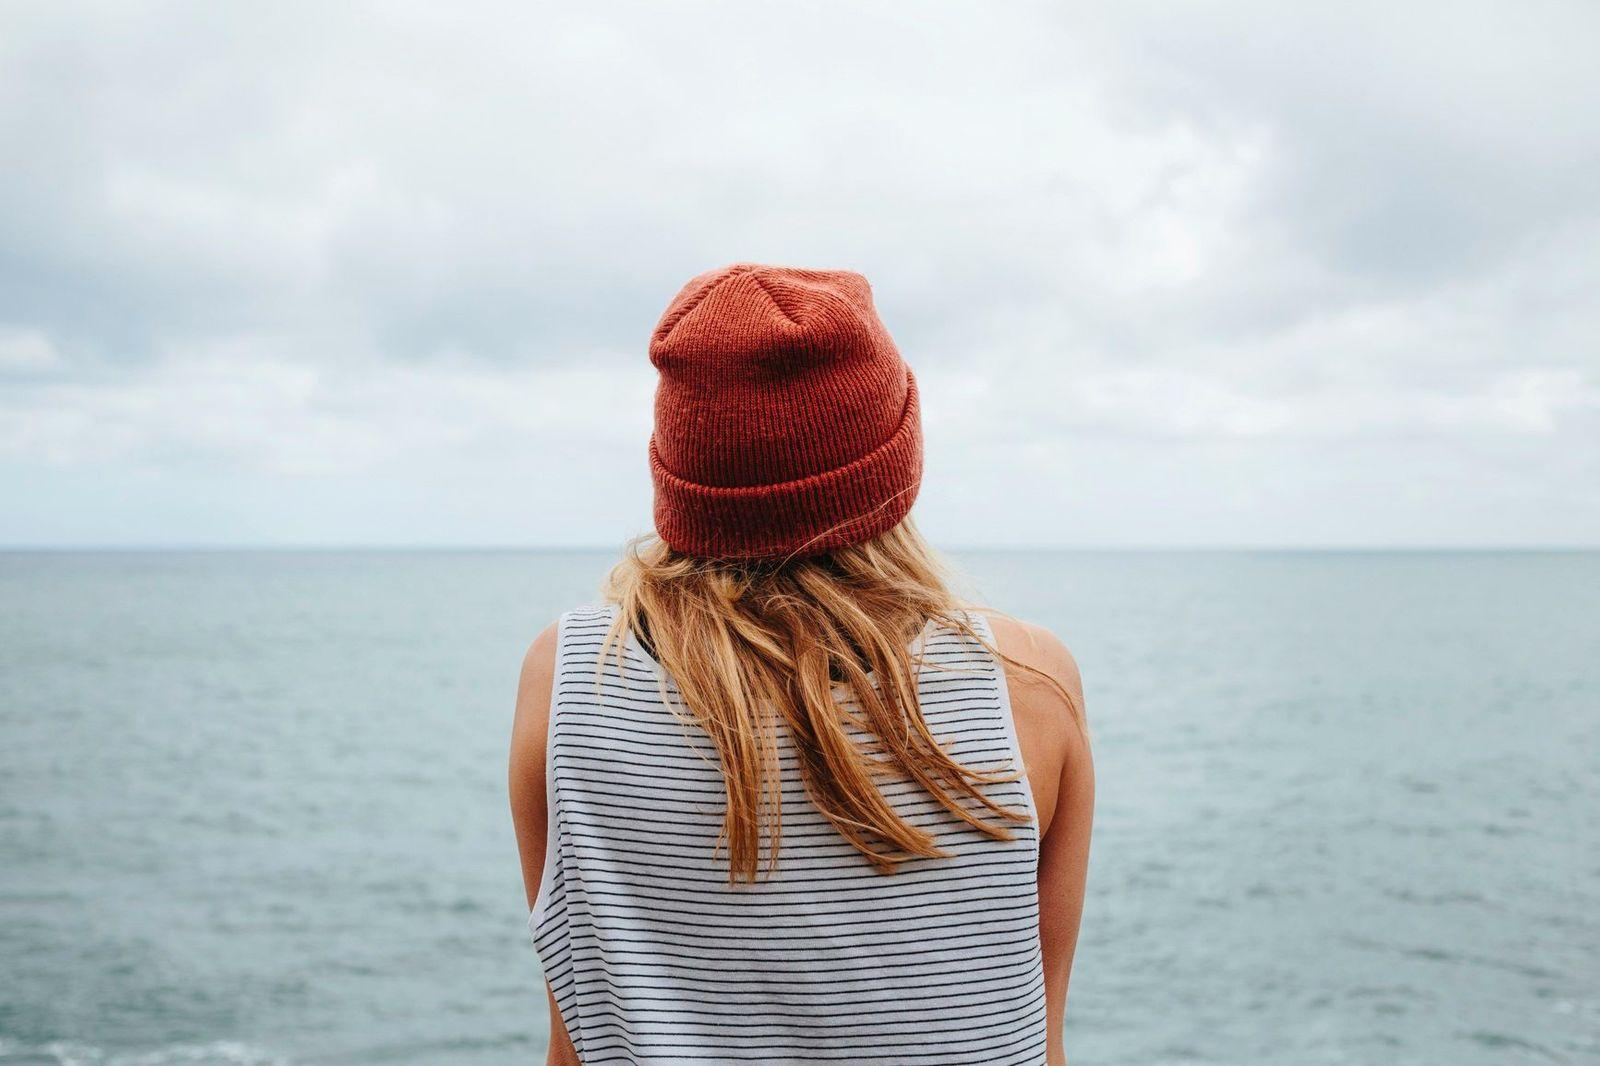 Woman Overlooking The Ocean.